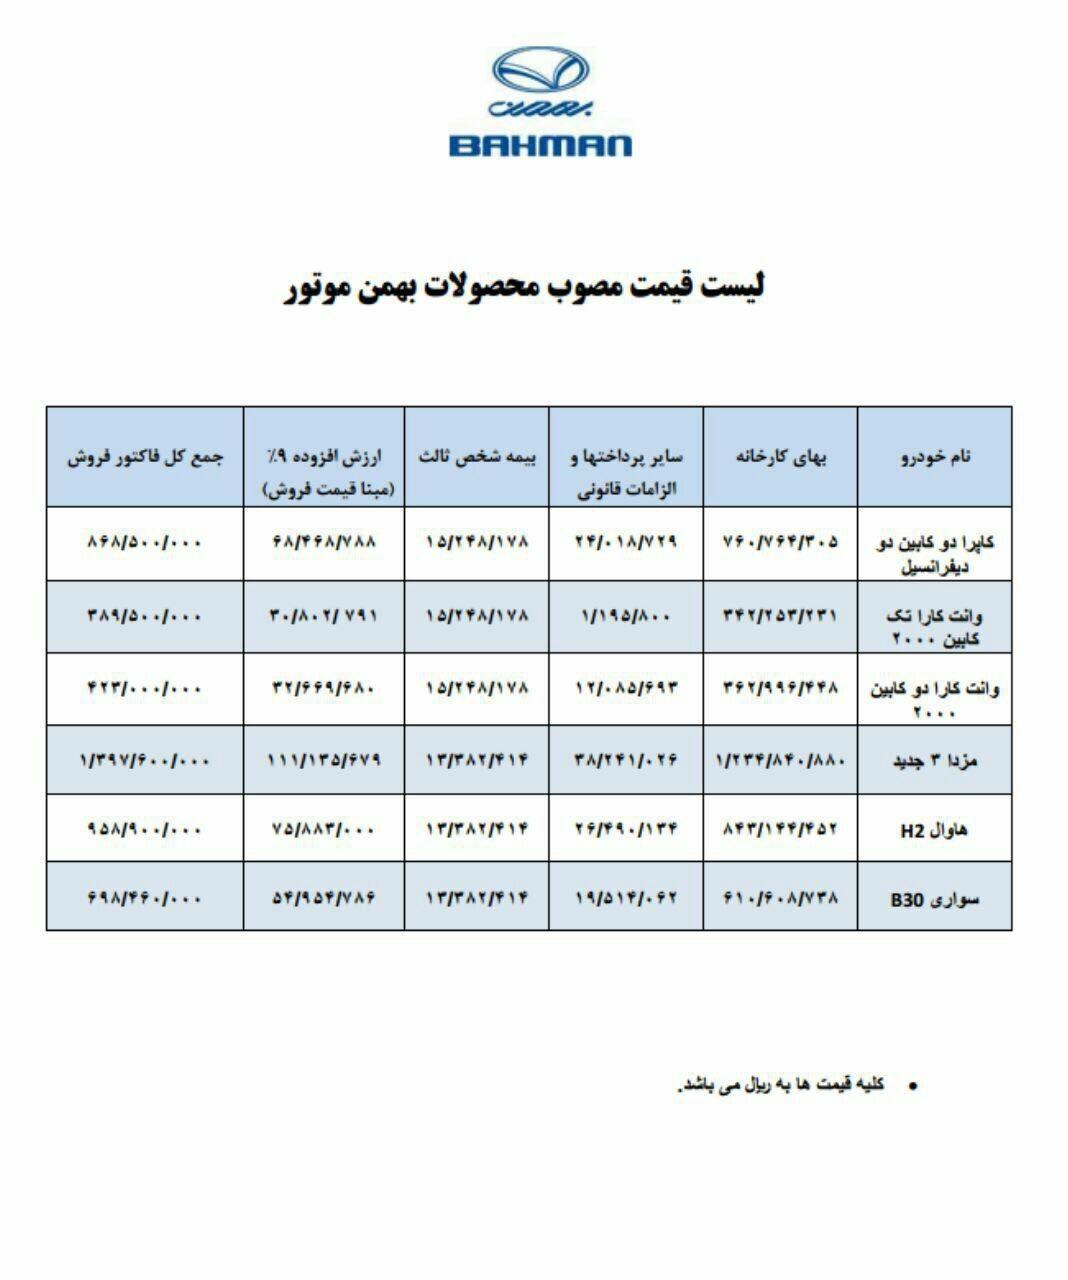 قیمت جدید محصولات بهمن موتور اعلام شد